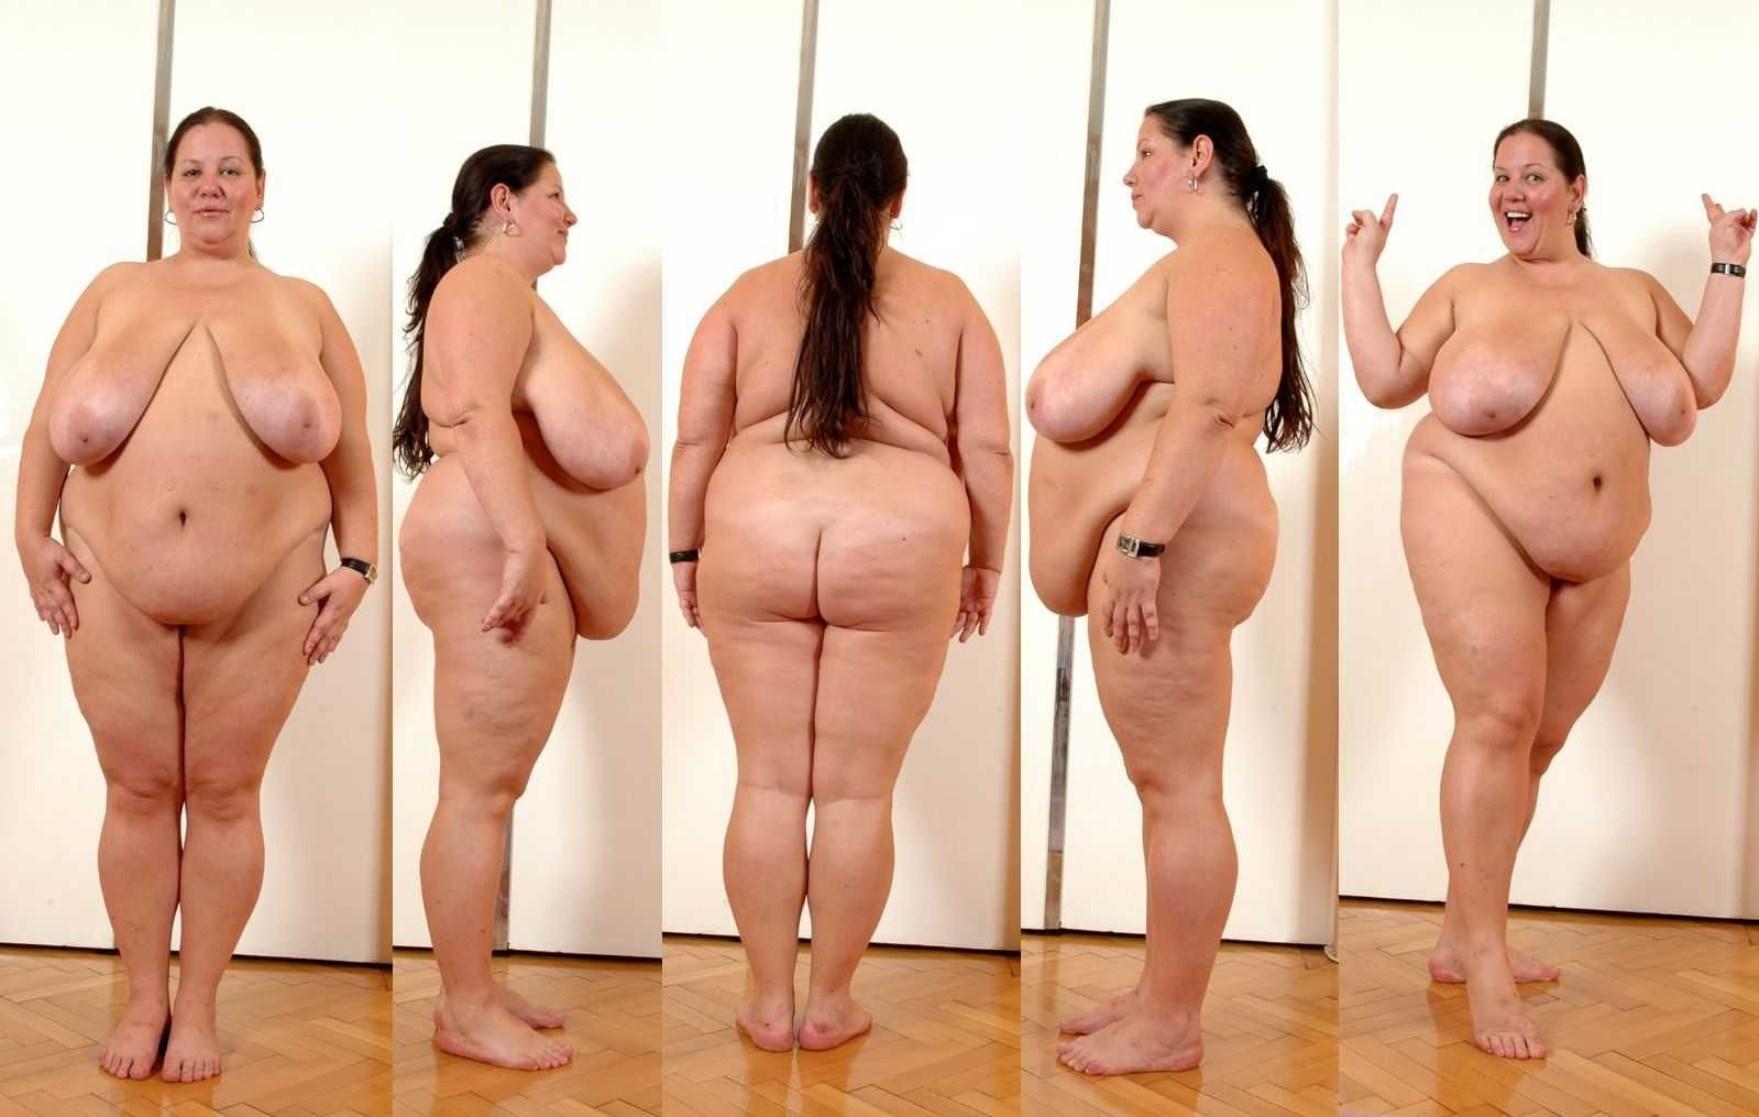 Porn photos of big boobs callgirl